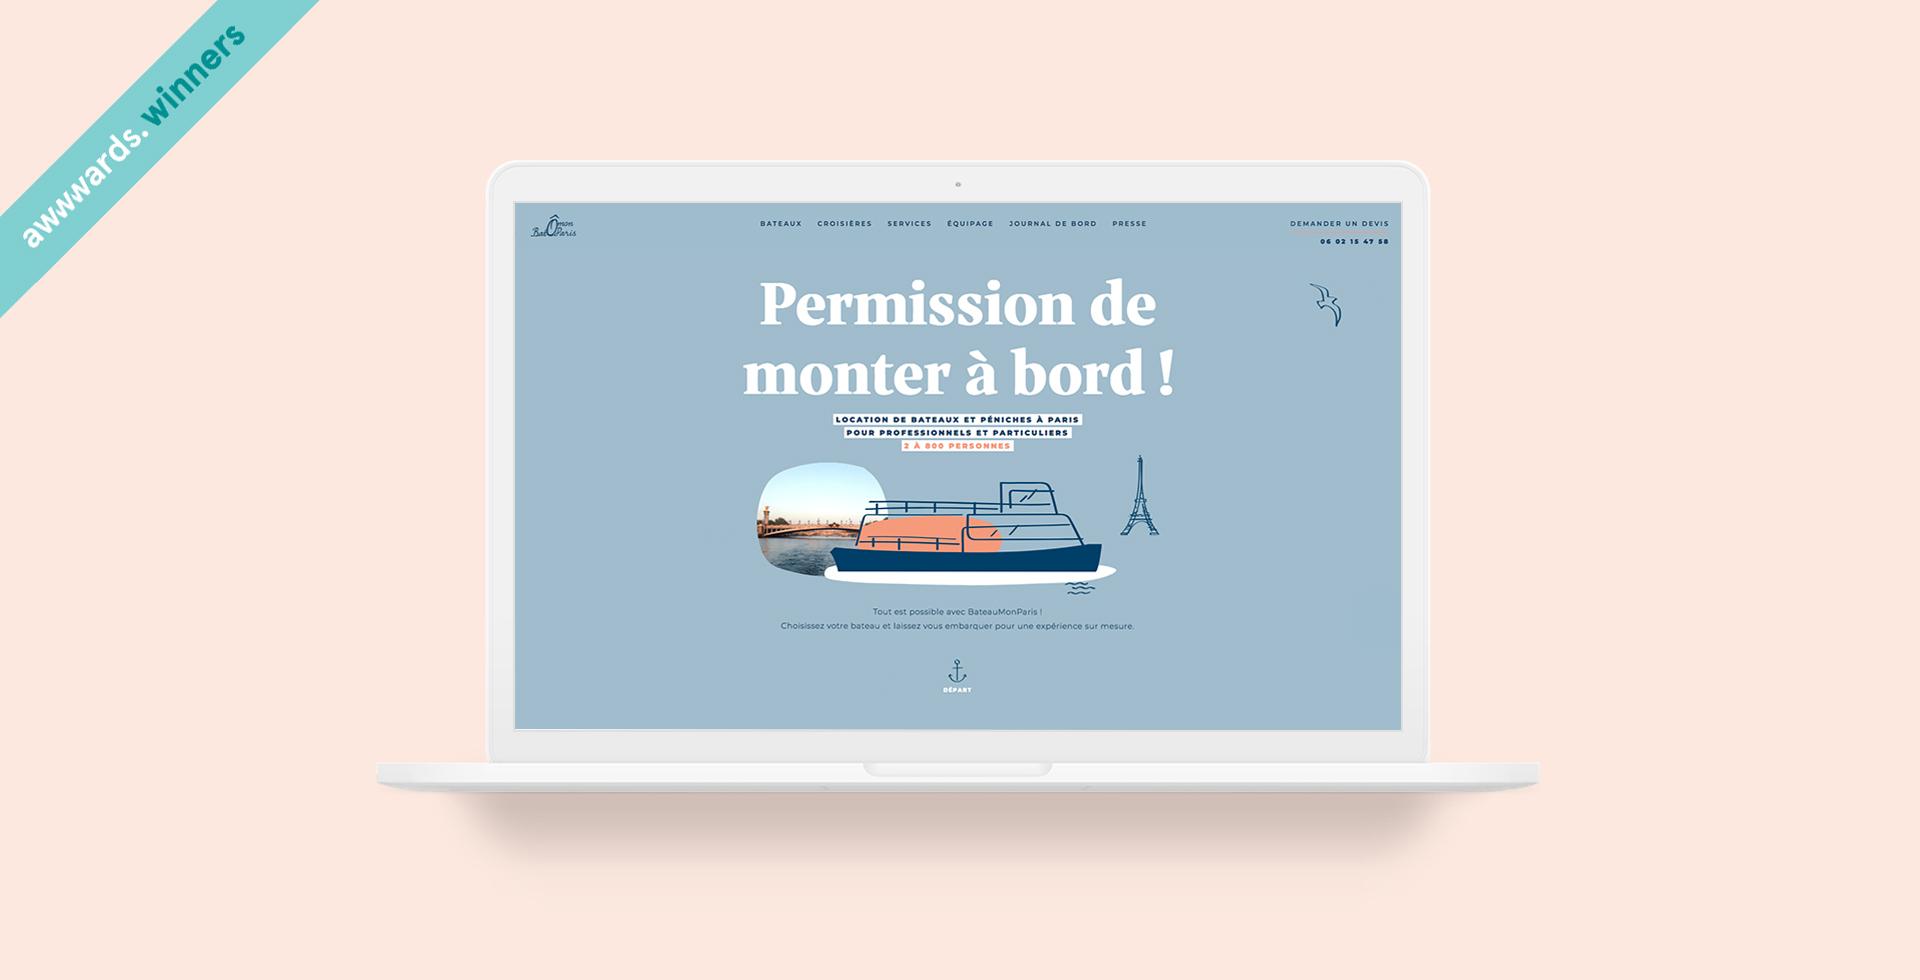 Création site web Bateau Mon Paris récompensé Awwwards par agence communication web Buzznative paris Orléans